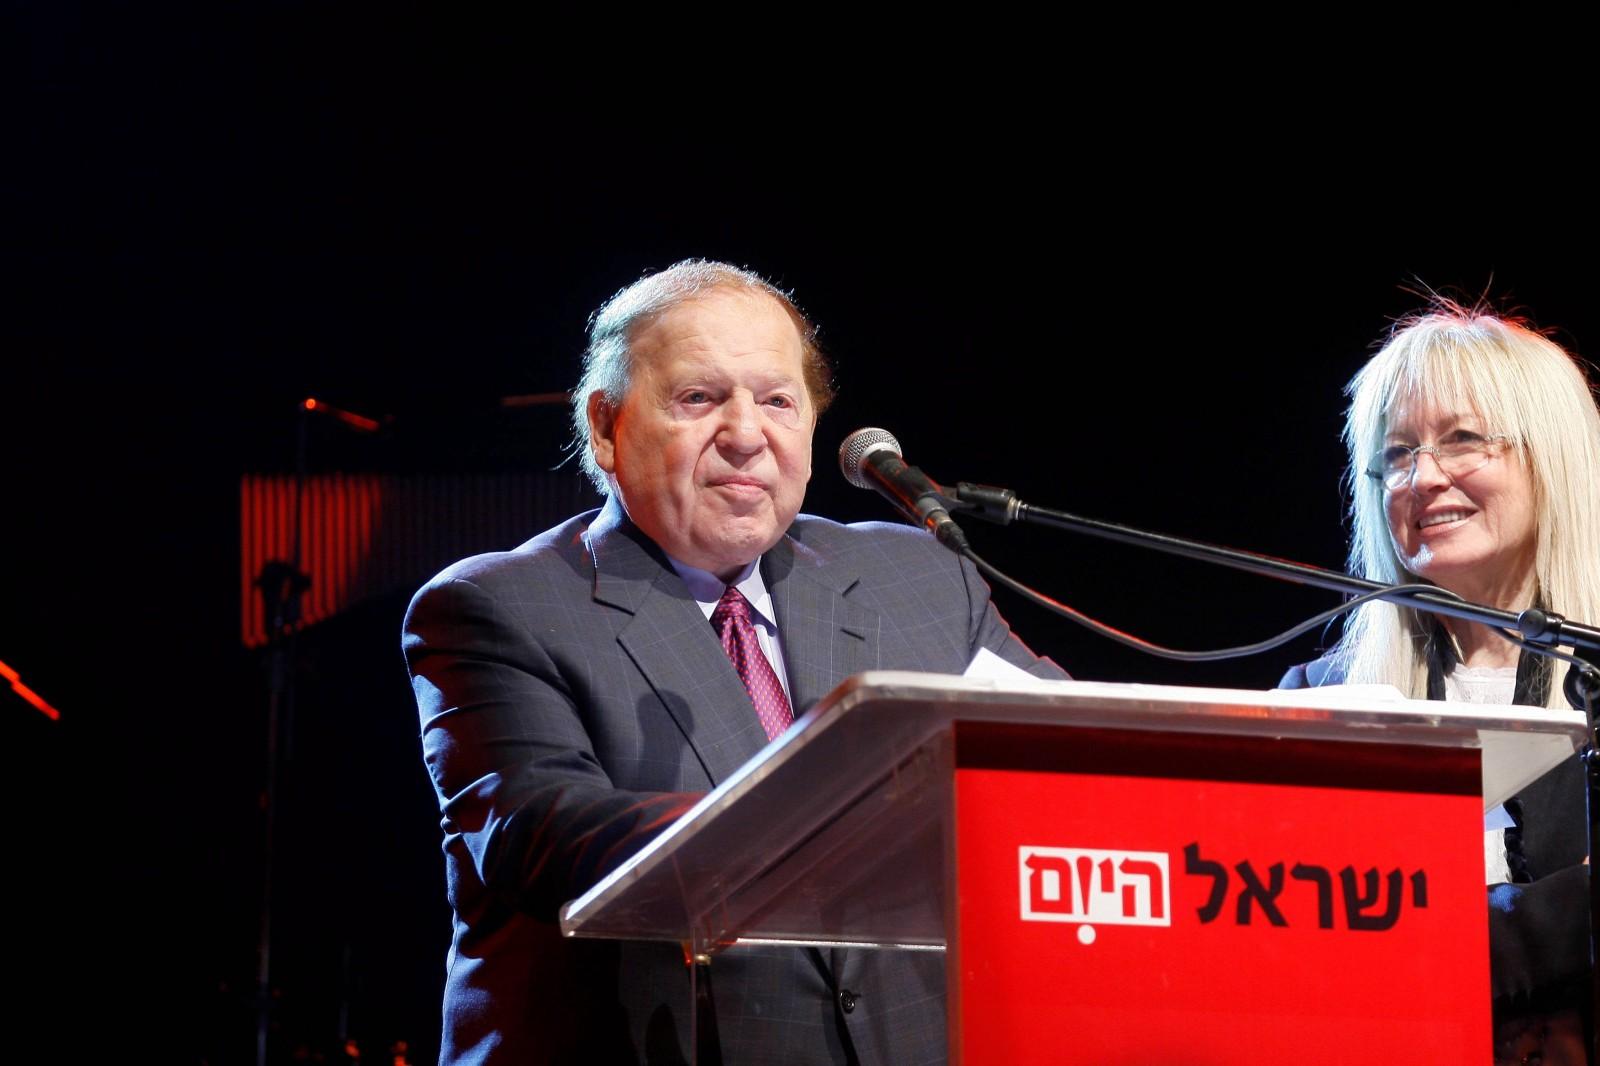 """מרים אדלסון ושלדון אדלסון באירוע של """"ישראל היום"""", 26.12.09. צילום: יחצנות"""